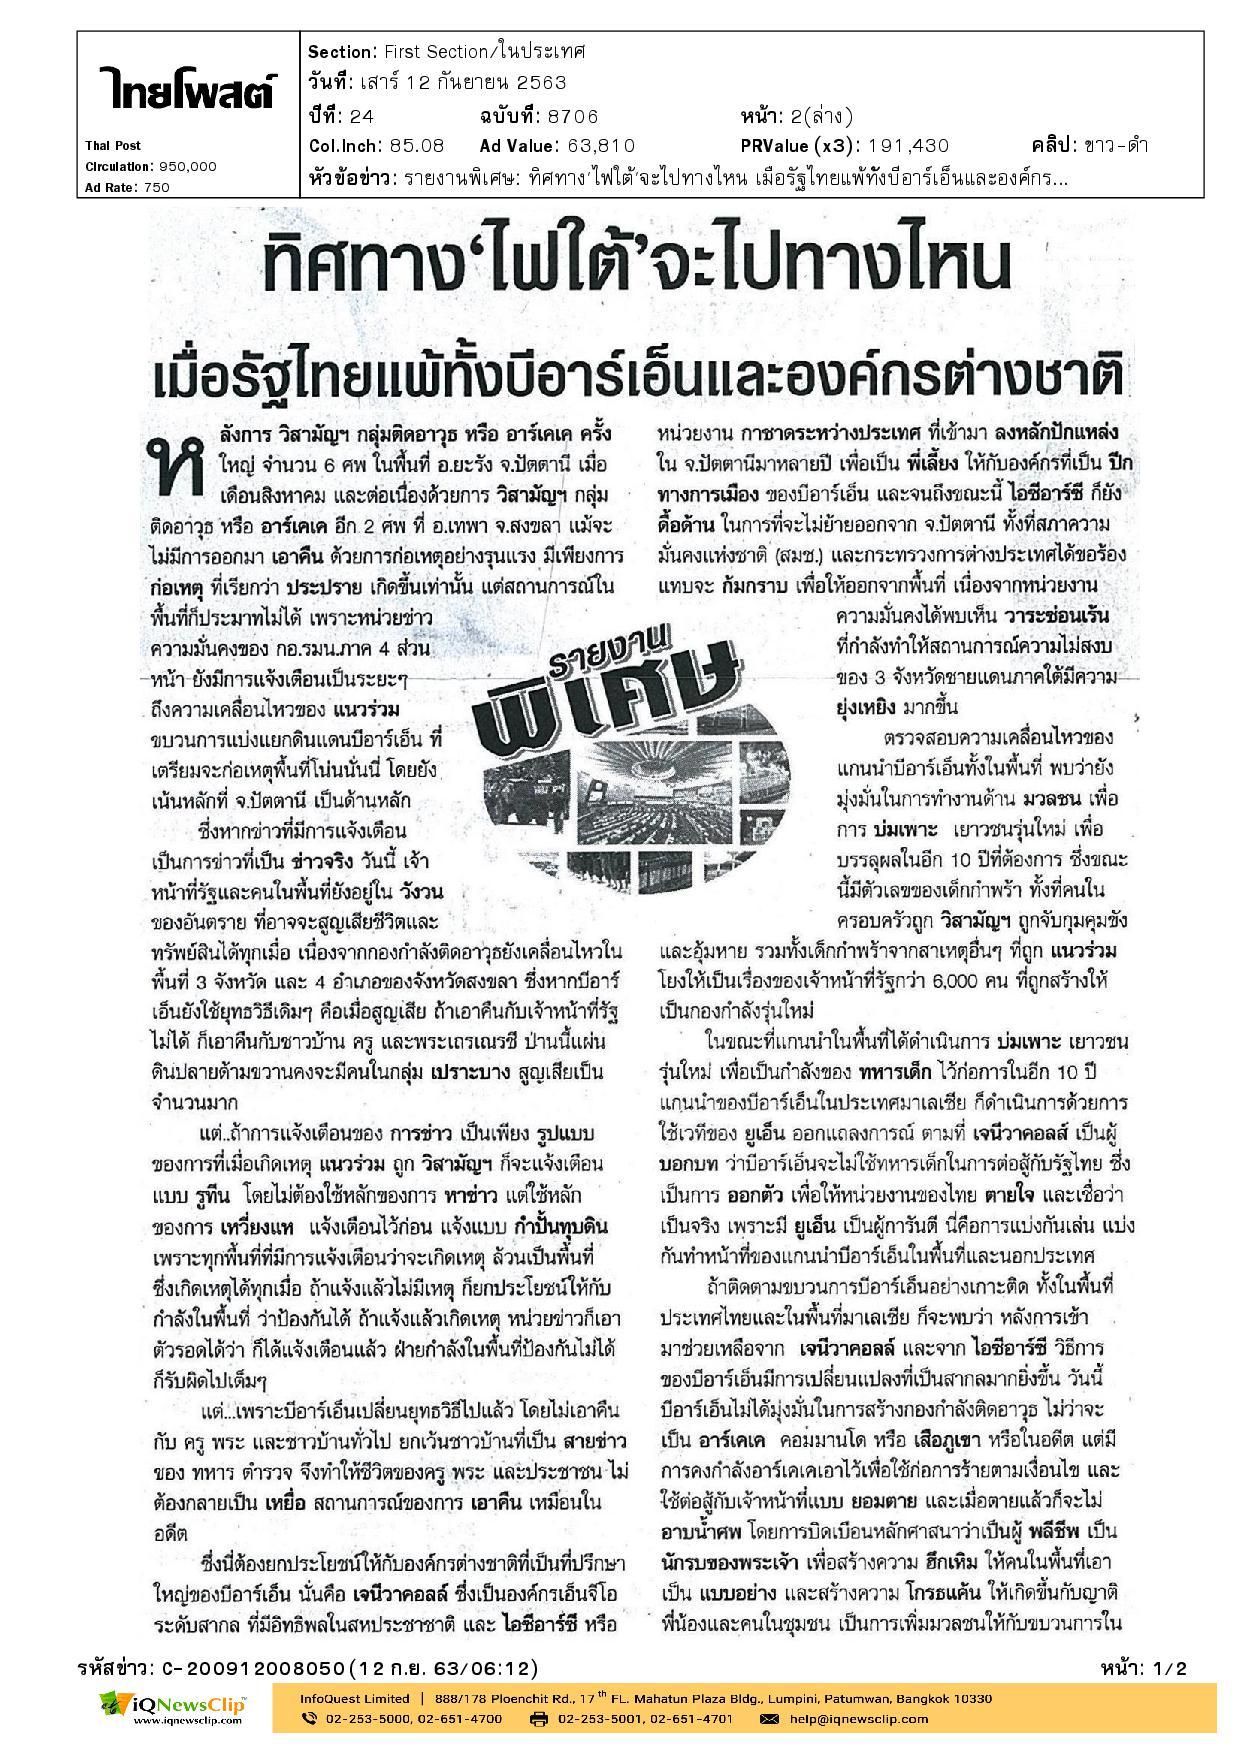 """ทิศทาง """"ไฟใต้"""" จะไปทางไหน เมื่อรัฐไทยแพ้ทั้งบีอาร์เอ็นและ องค์กรต่างชาติ"""